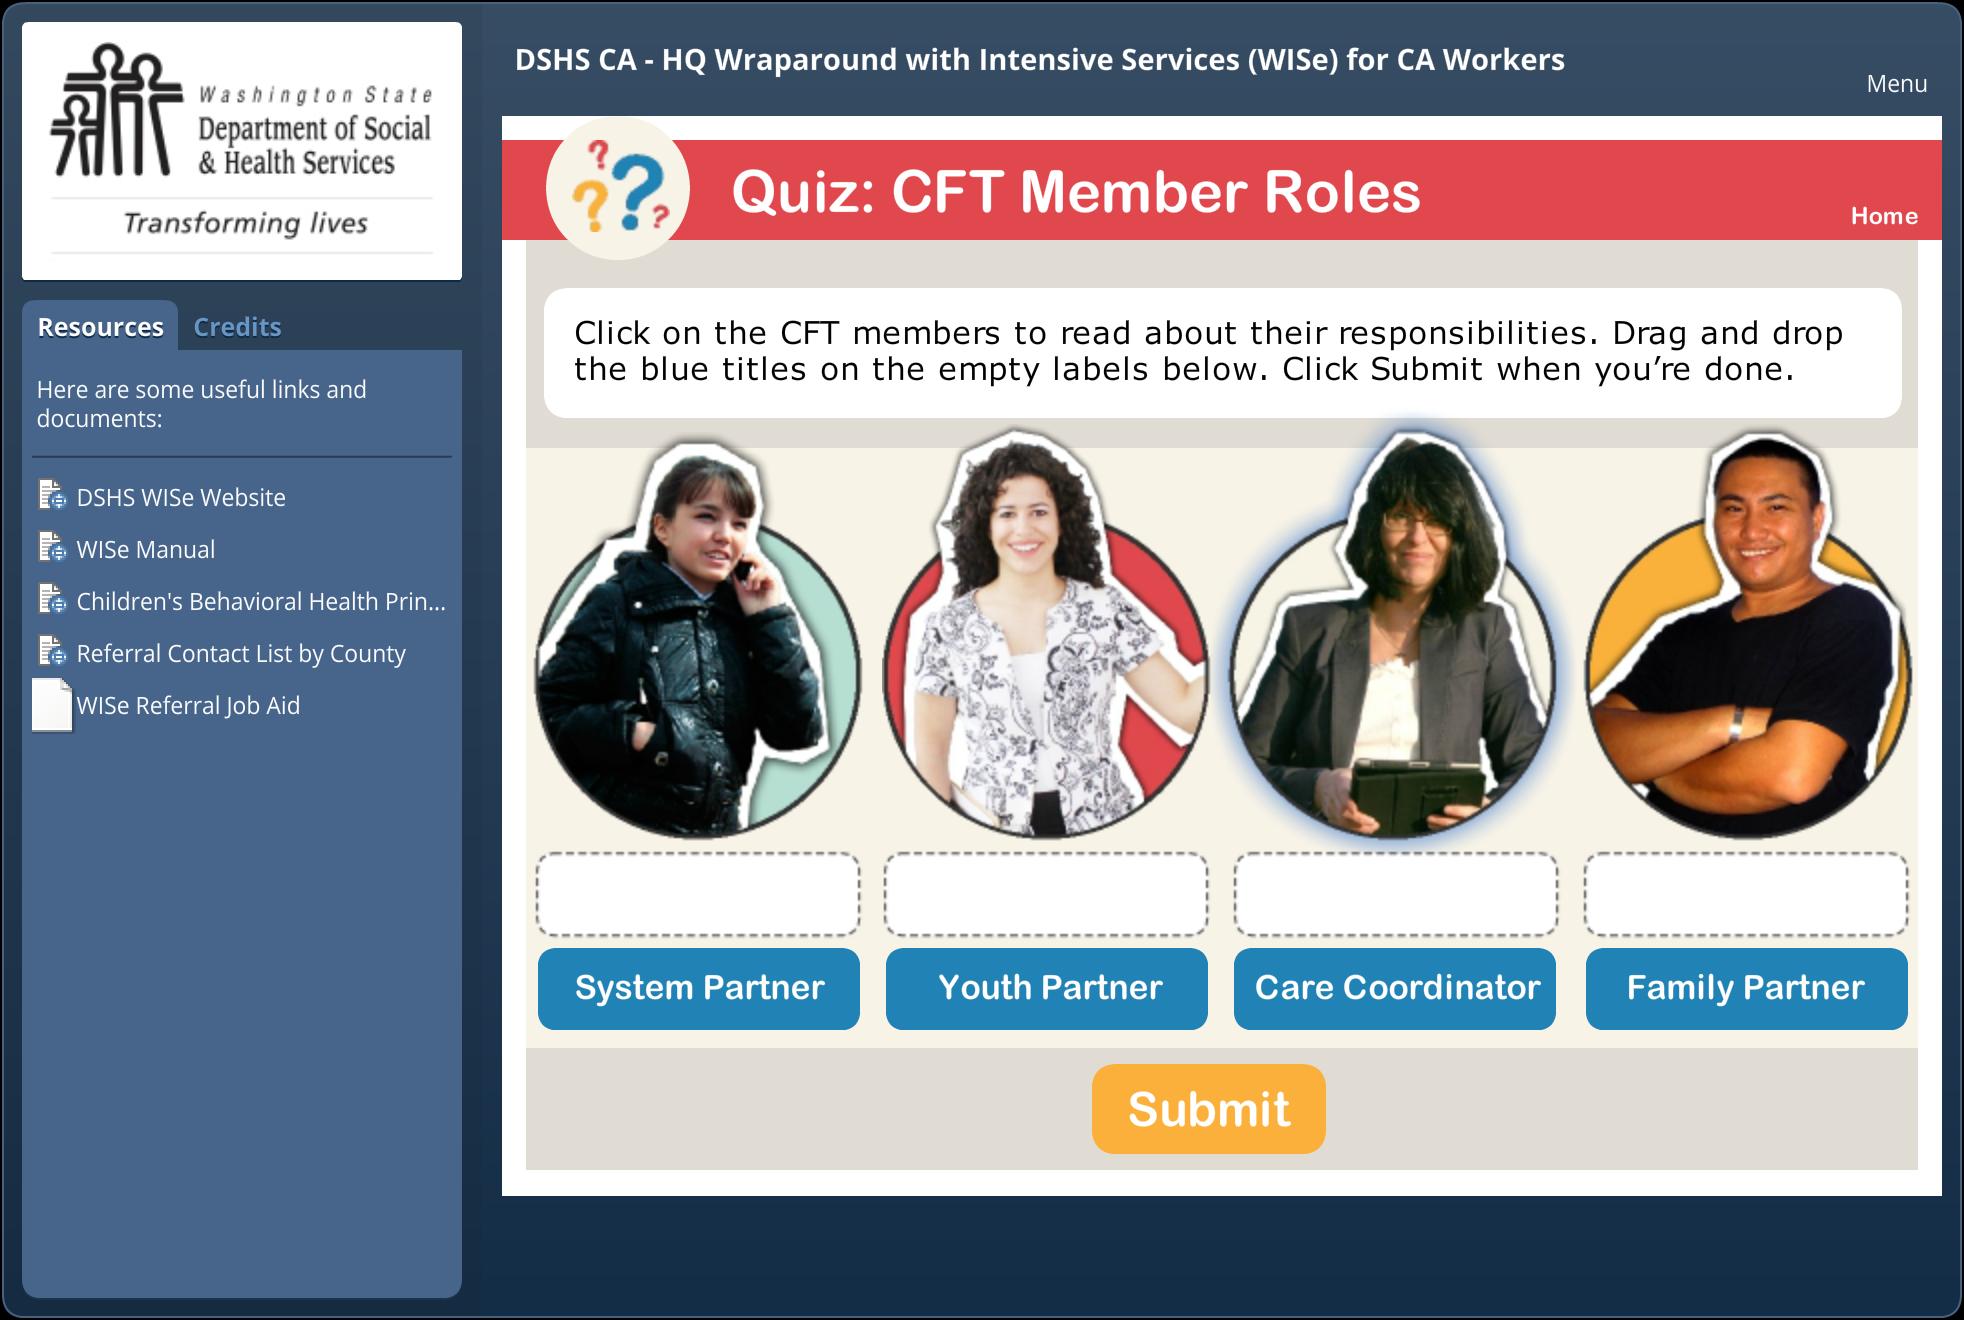 Quiz: CFT Member Roles